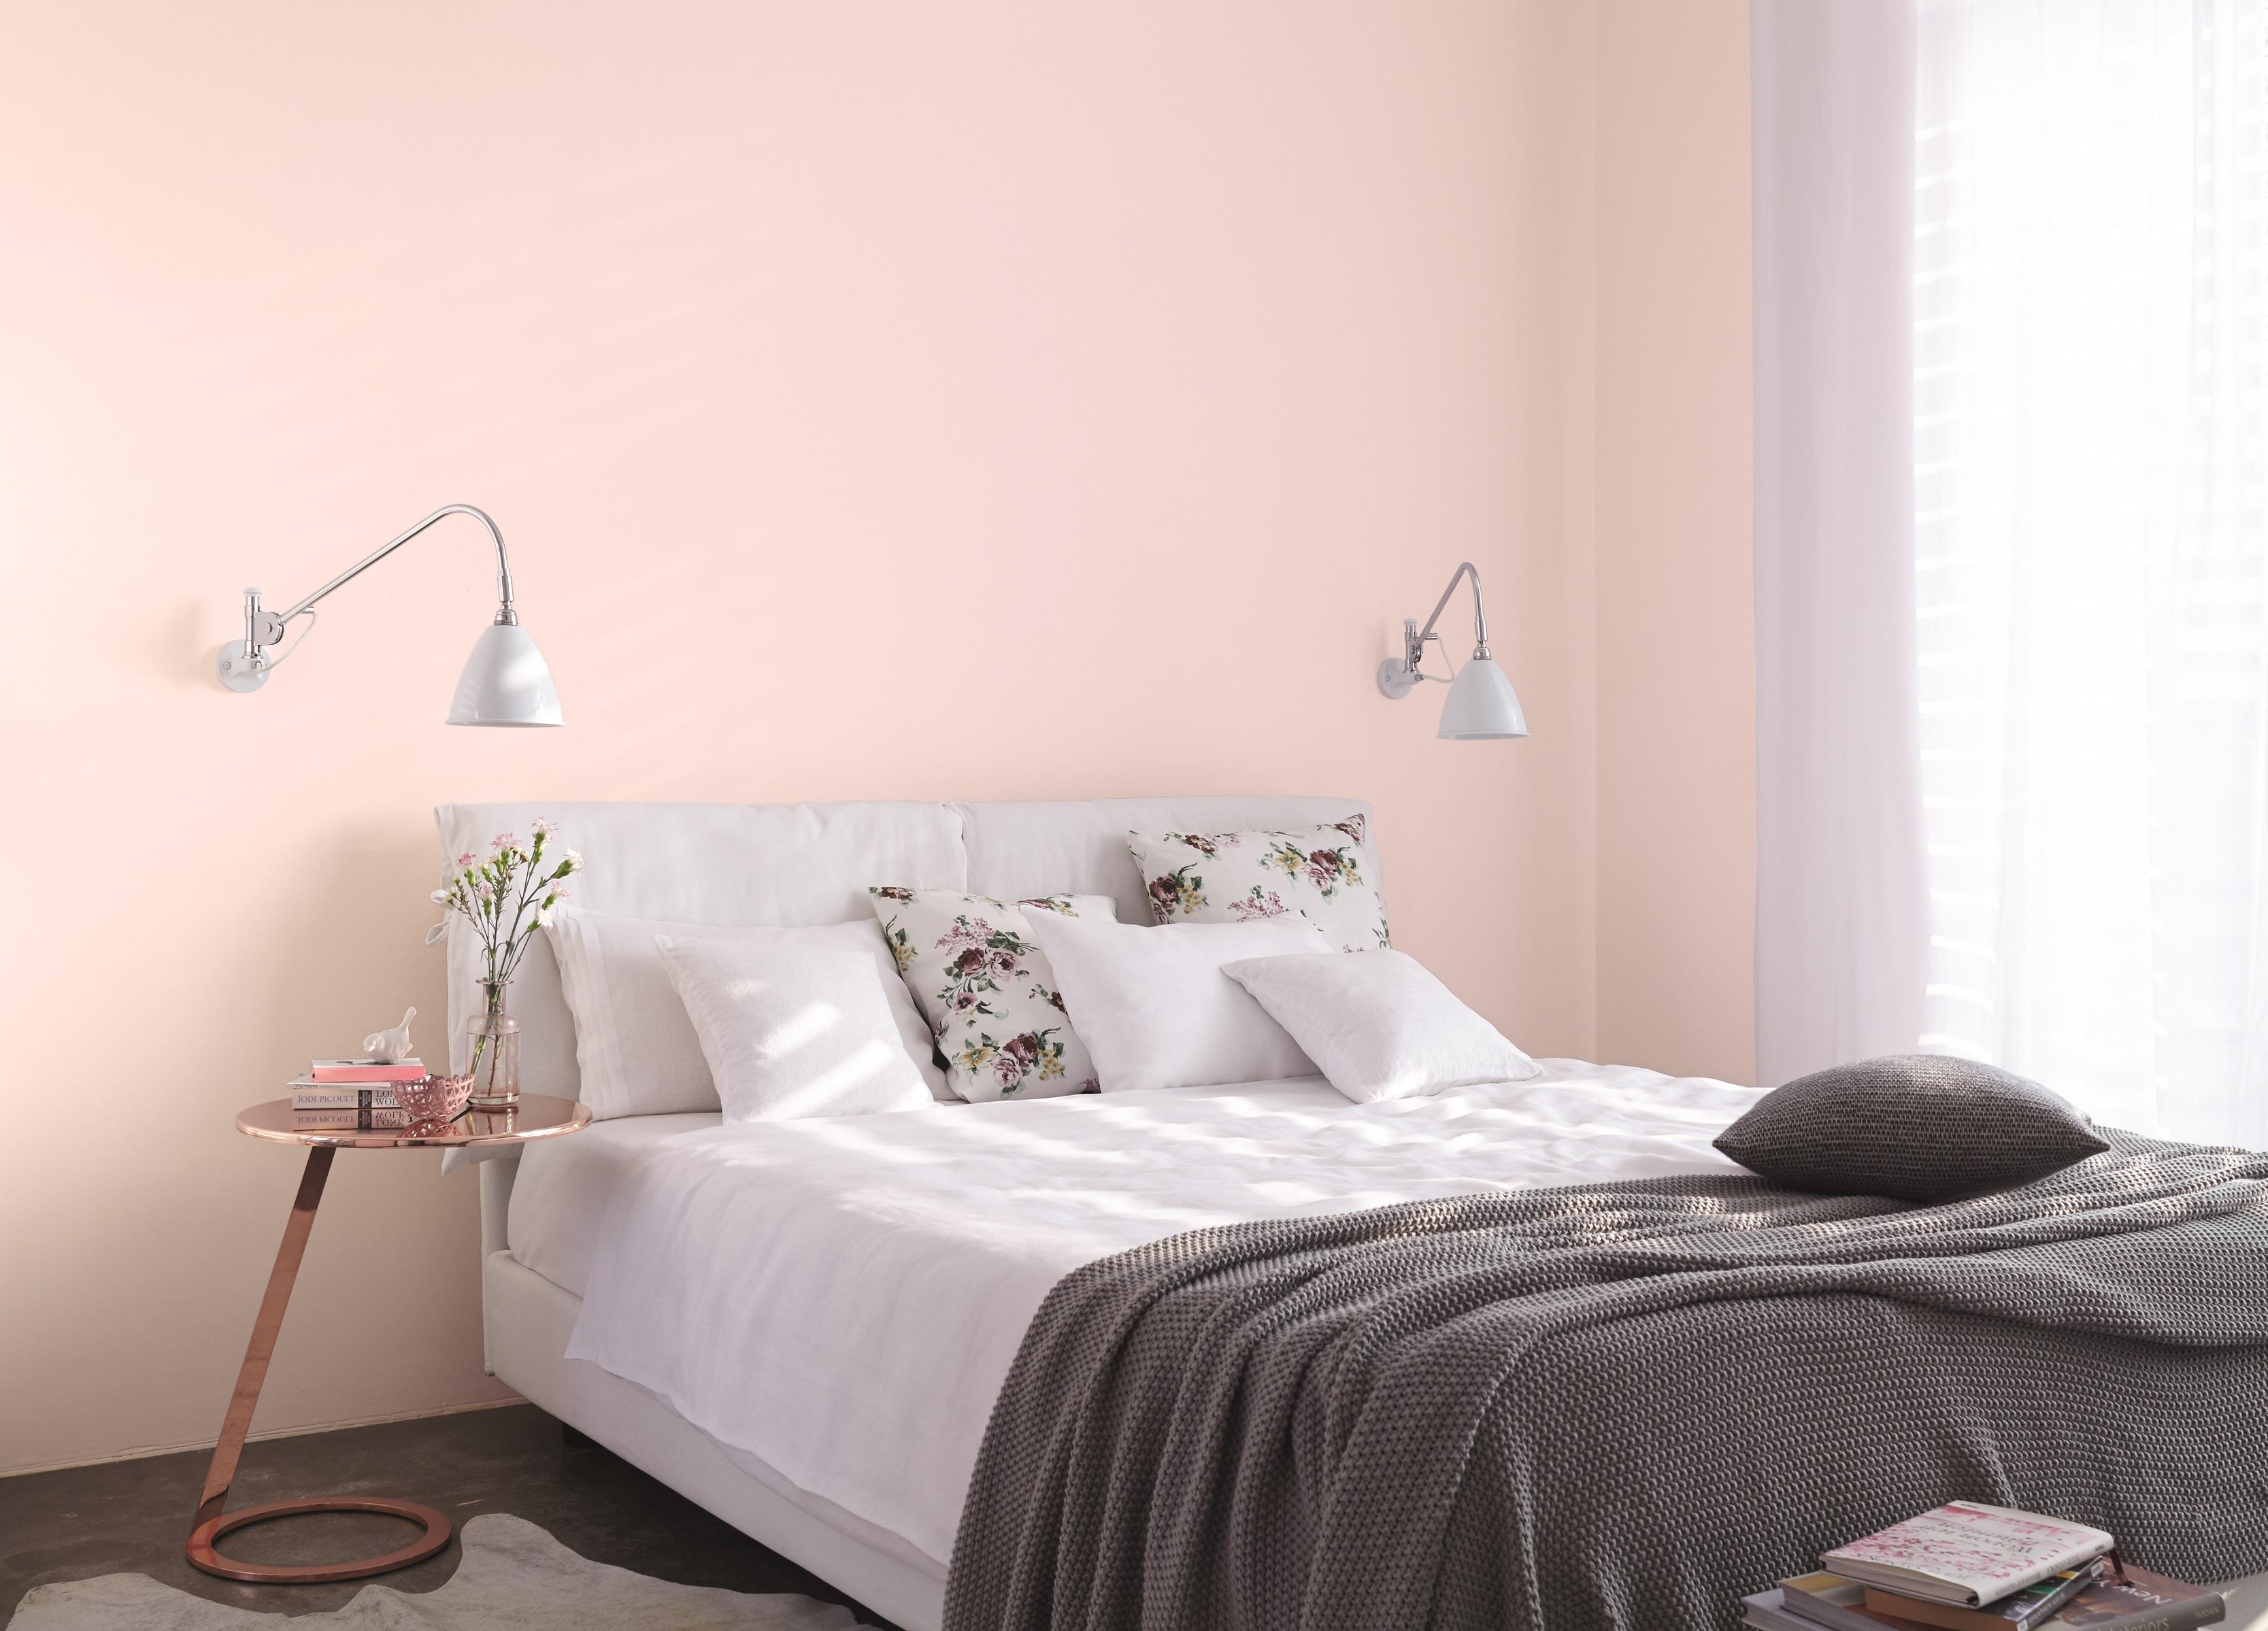 Entzuckend Rosé Wandfarbe Im Schlafzimmer